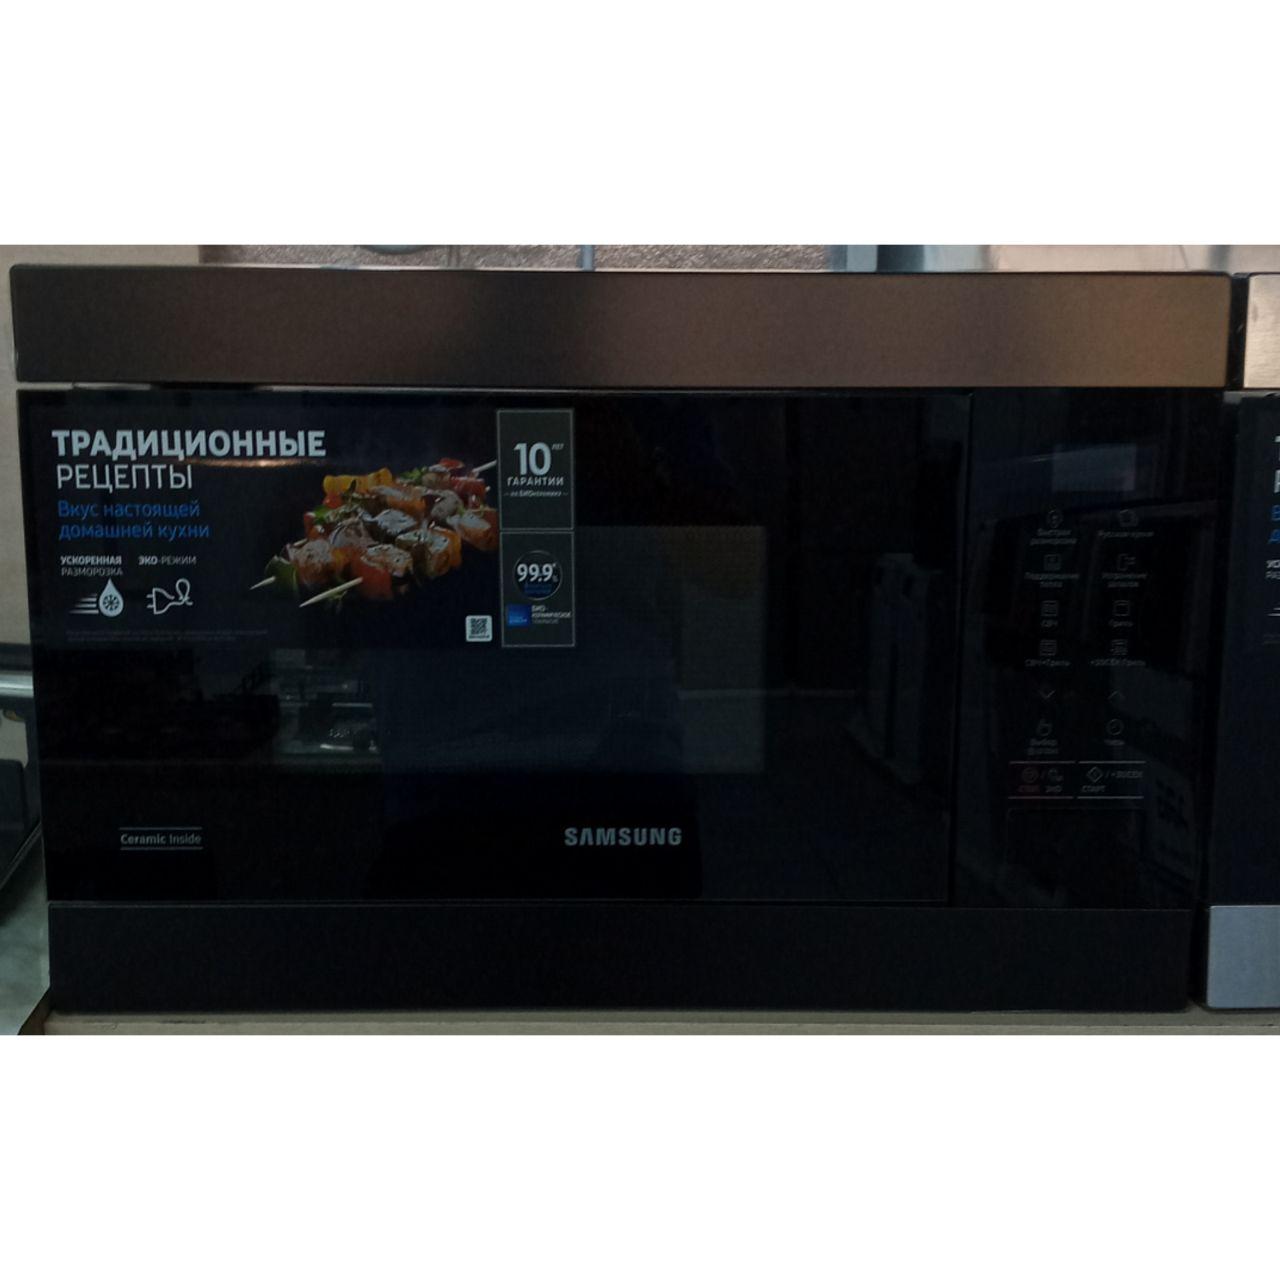 Встраиваемая микроволновка Samsung 1300 Вт